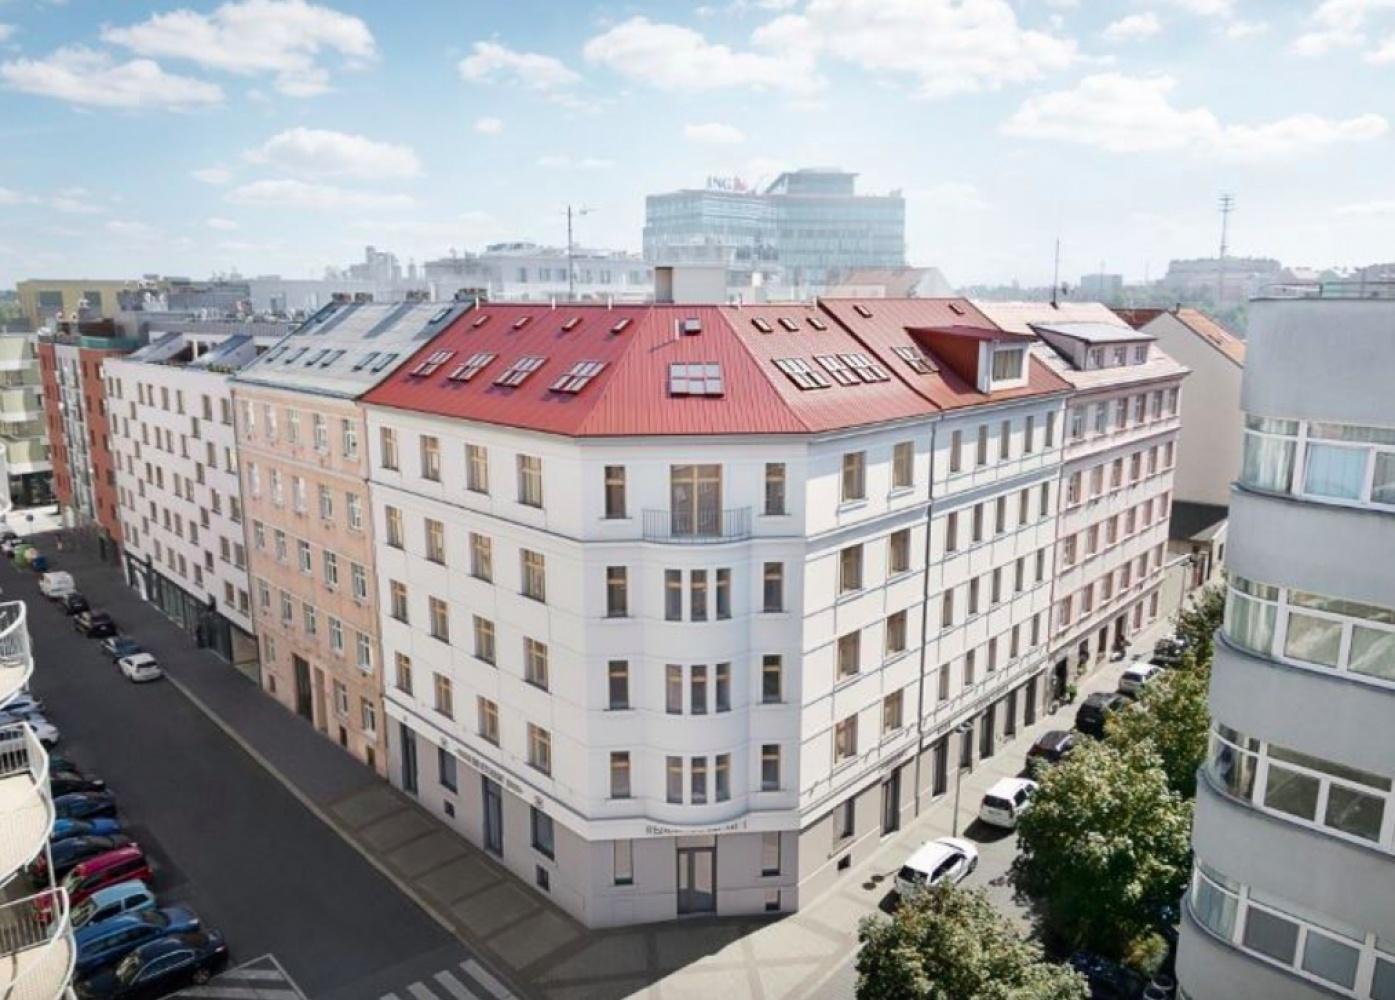 Půdní byt 2+kk, plocha 42 m², ulice Lihovarská, Praha 9 - Libeň, cena 4 419 000 Kč | 1